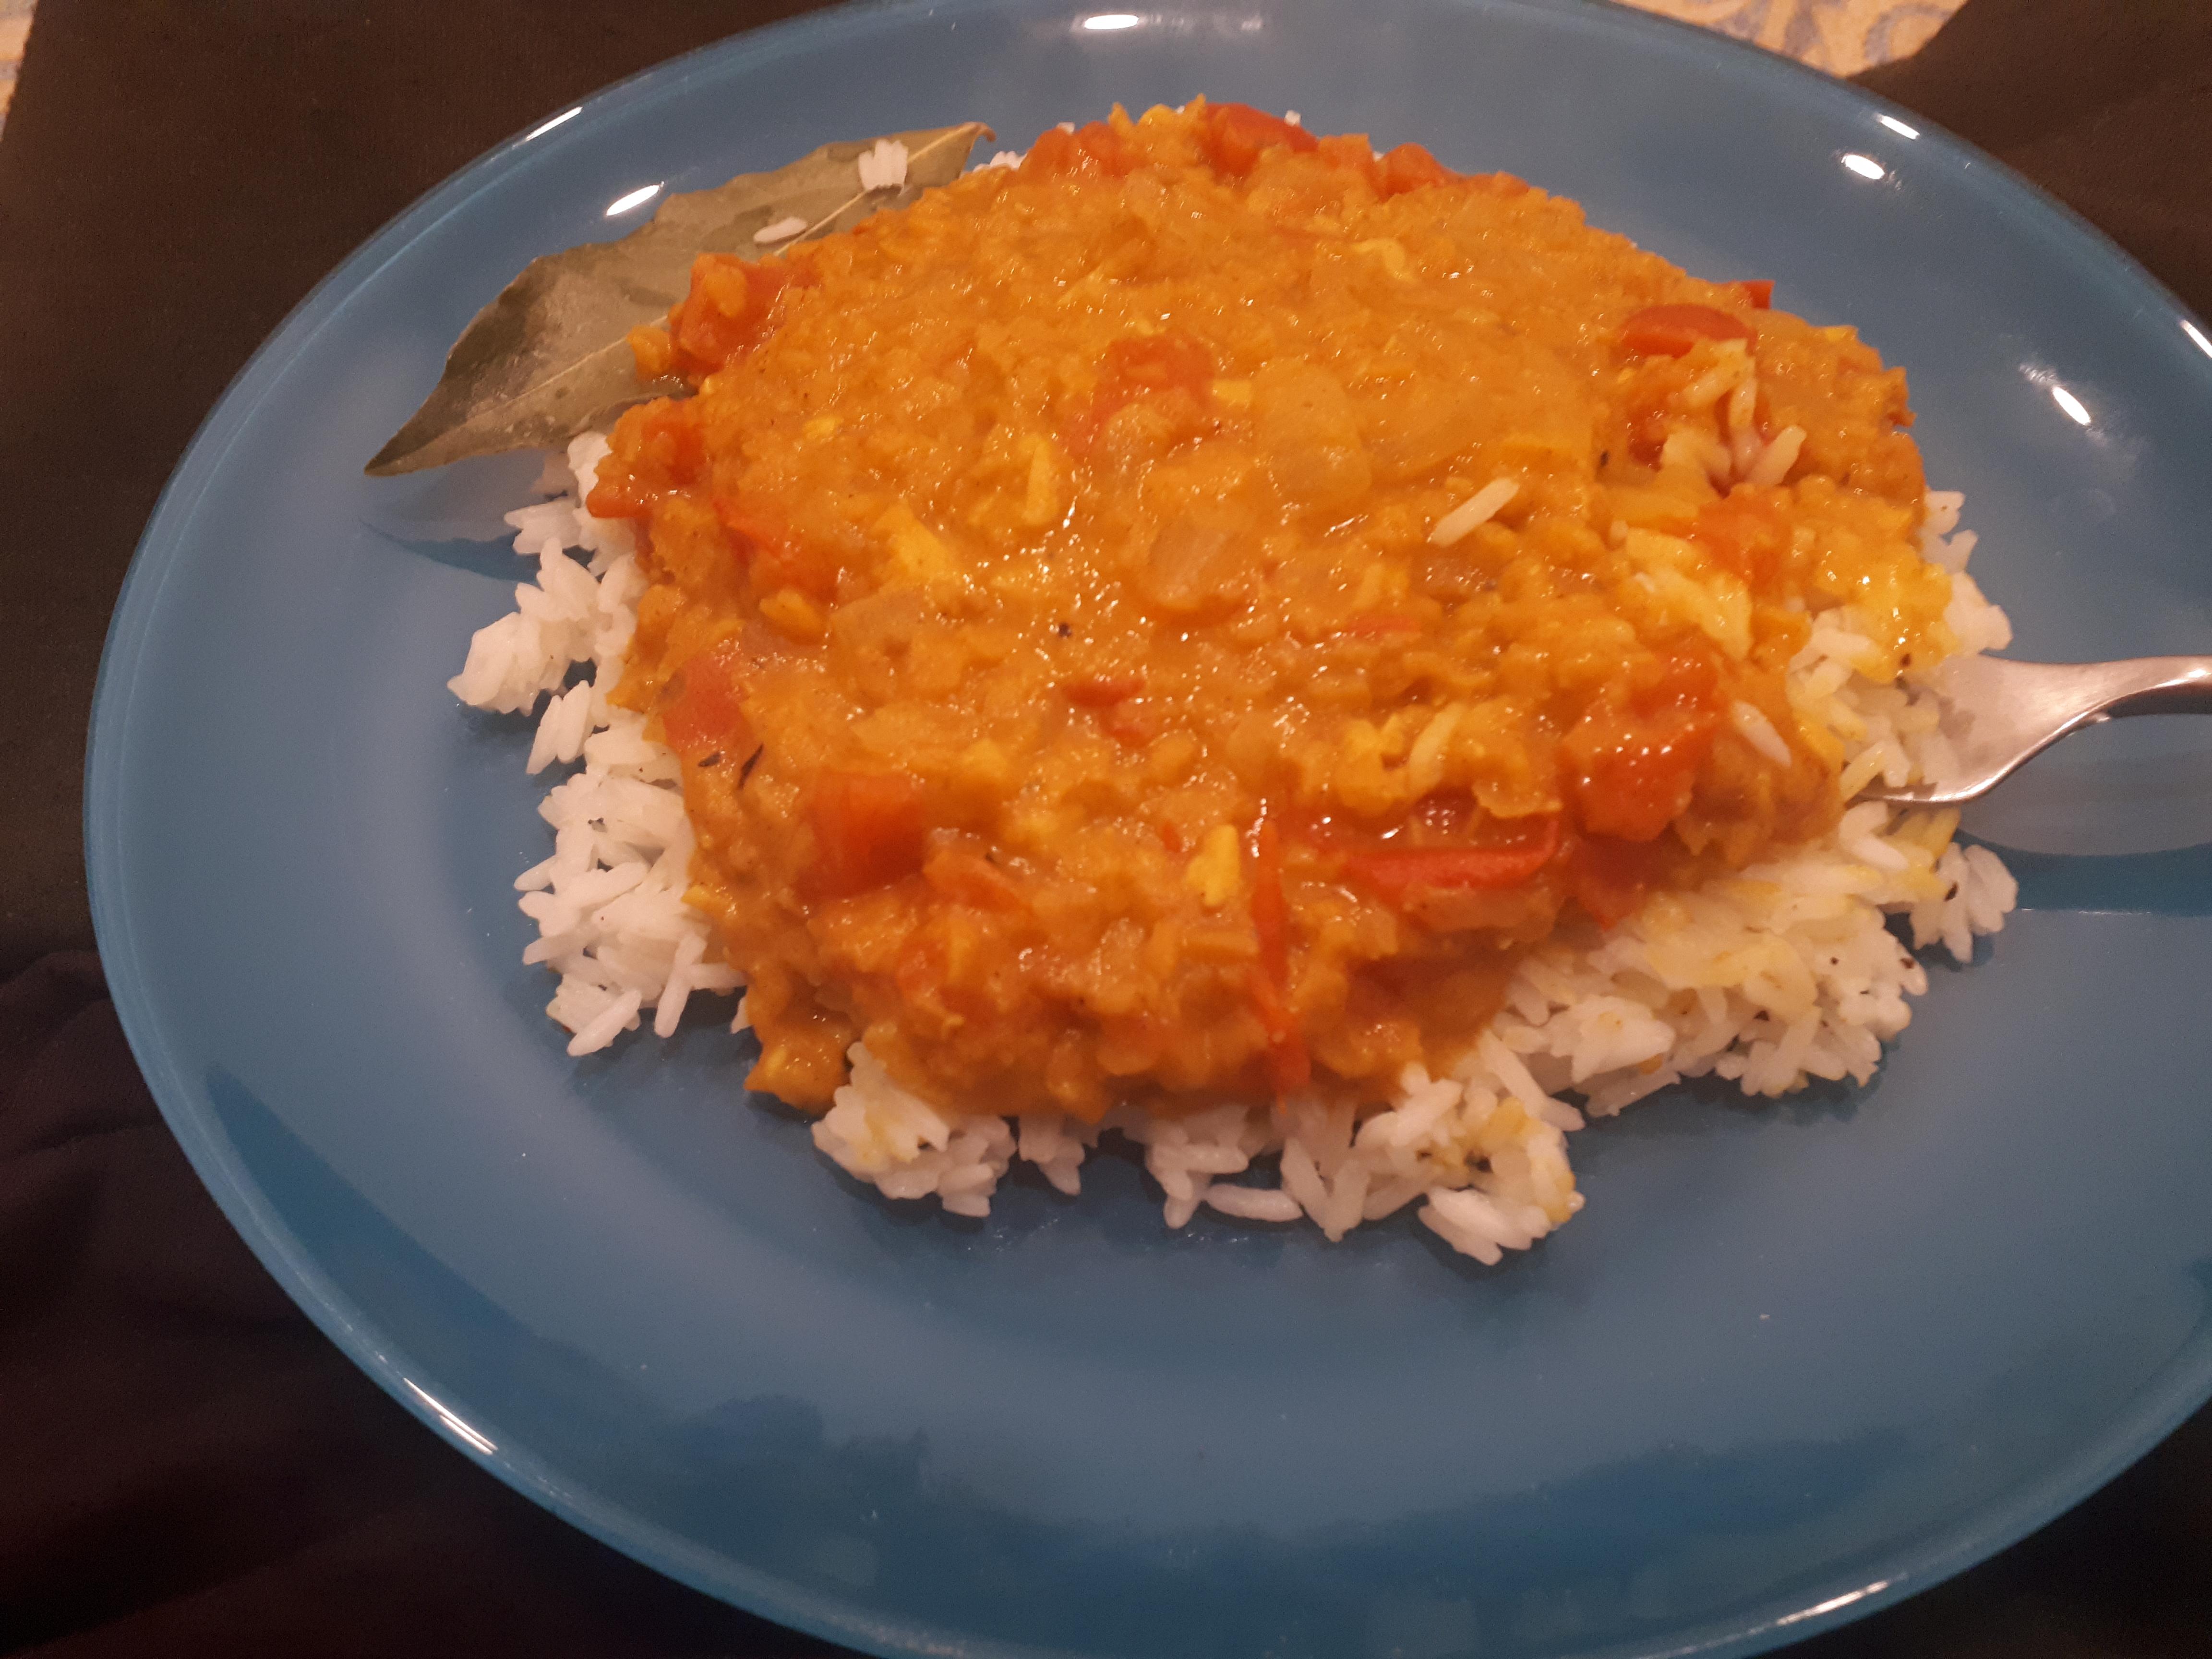 Red lentil dahl meal